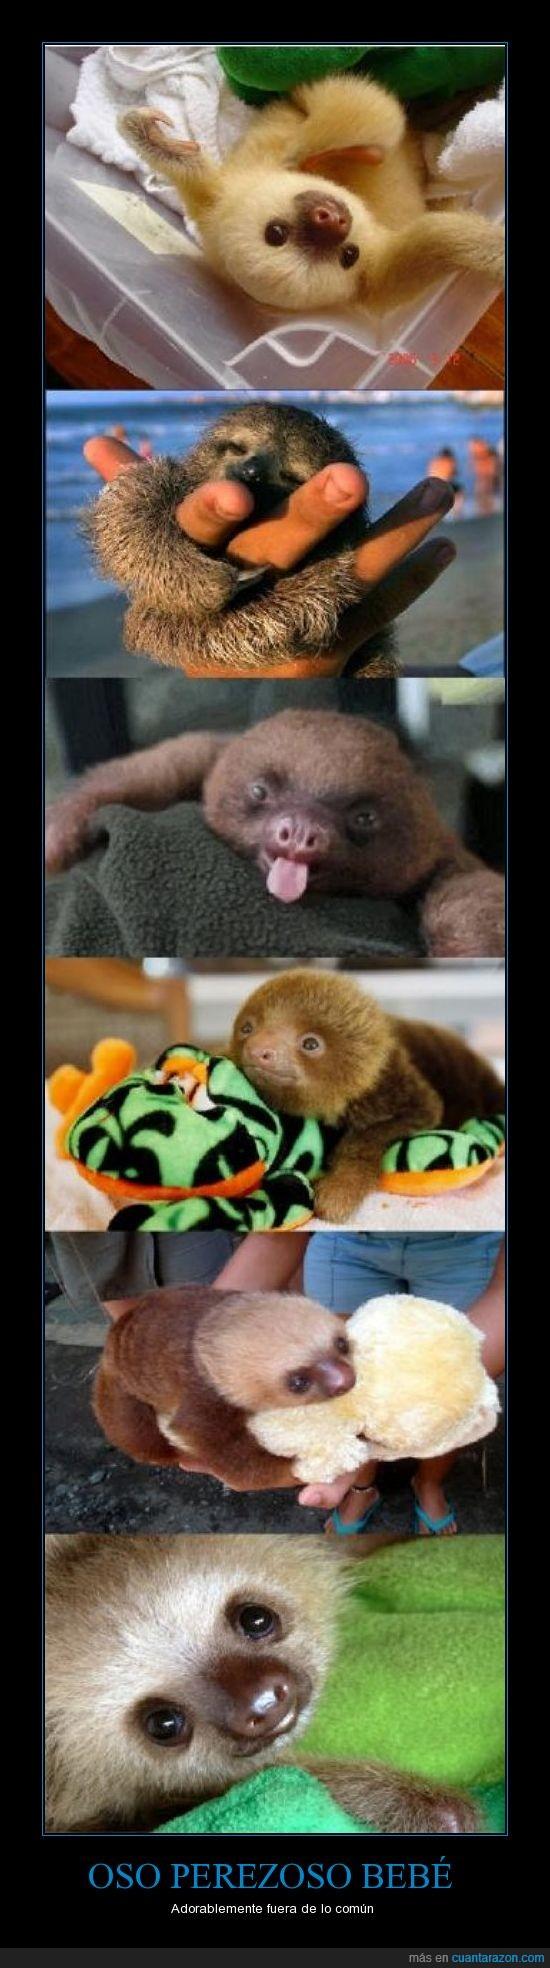 adorable,descomunal,lindo,maravilloso,mono,oso perezoso bebé